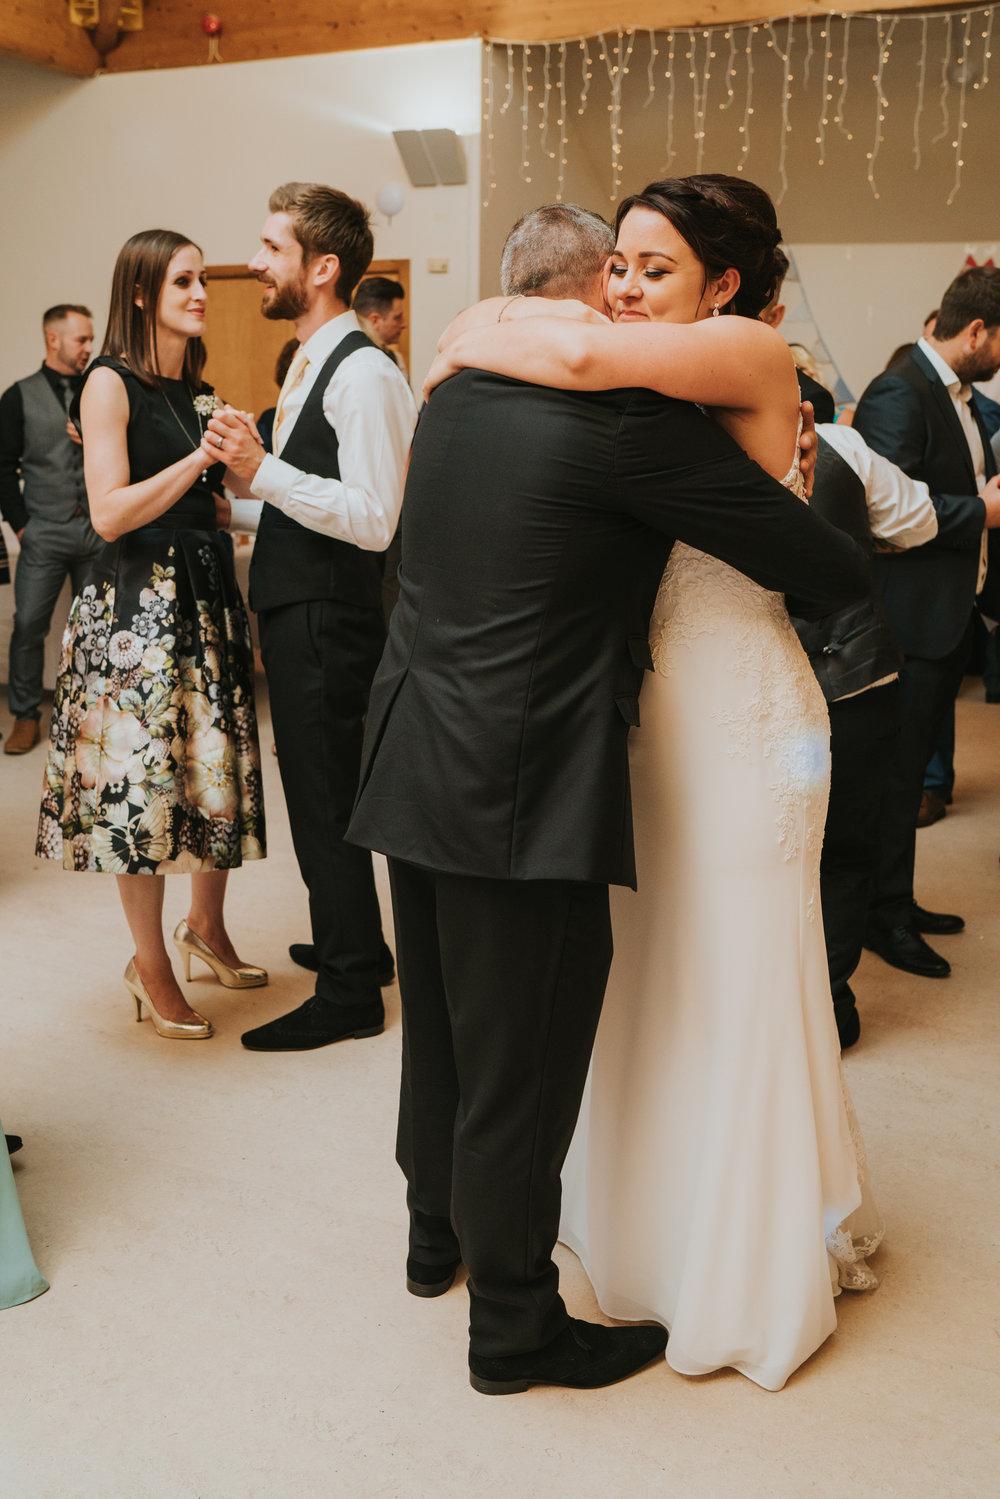 Joe-Tiffany-Colchester-Castle-Wedding-Essex-Grace-Elizabeth-Colchester-Essex-Alternative-Wedding-Photographer-Suffolk-Norfolk-Devon (122 of 122).jpg